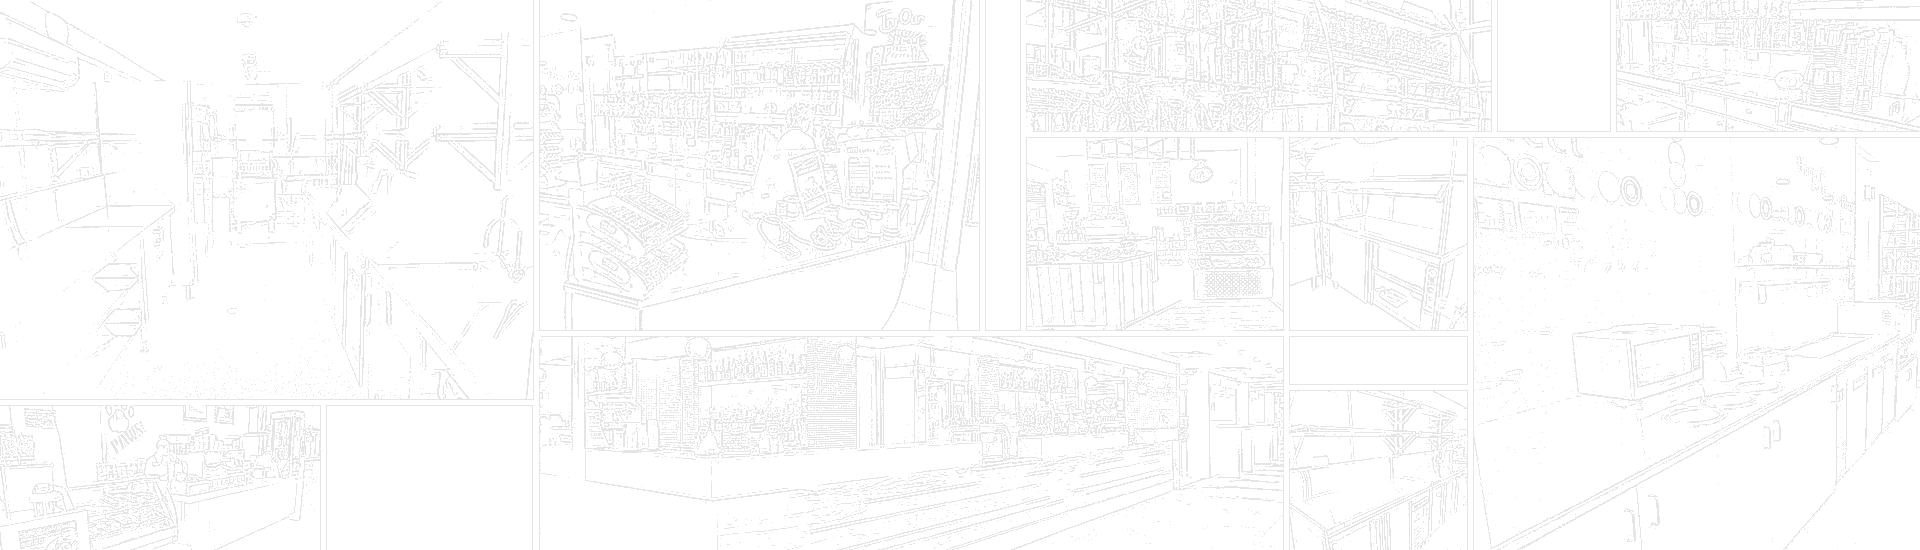 slider outlines - Commercial Dishwashers